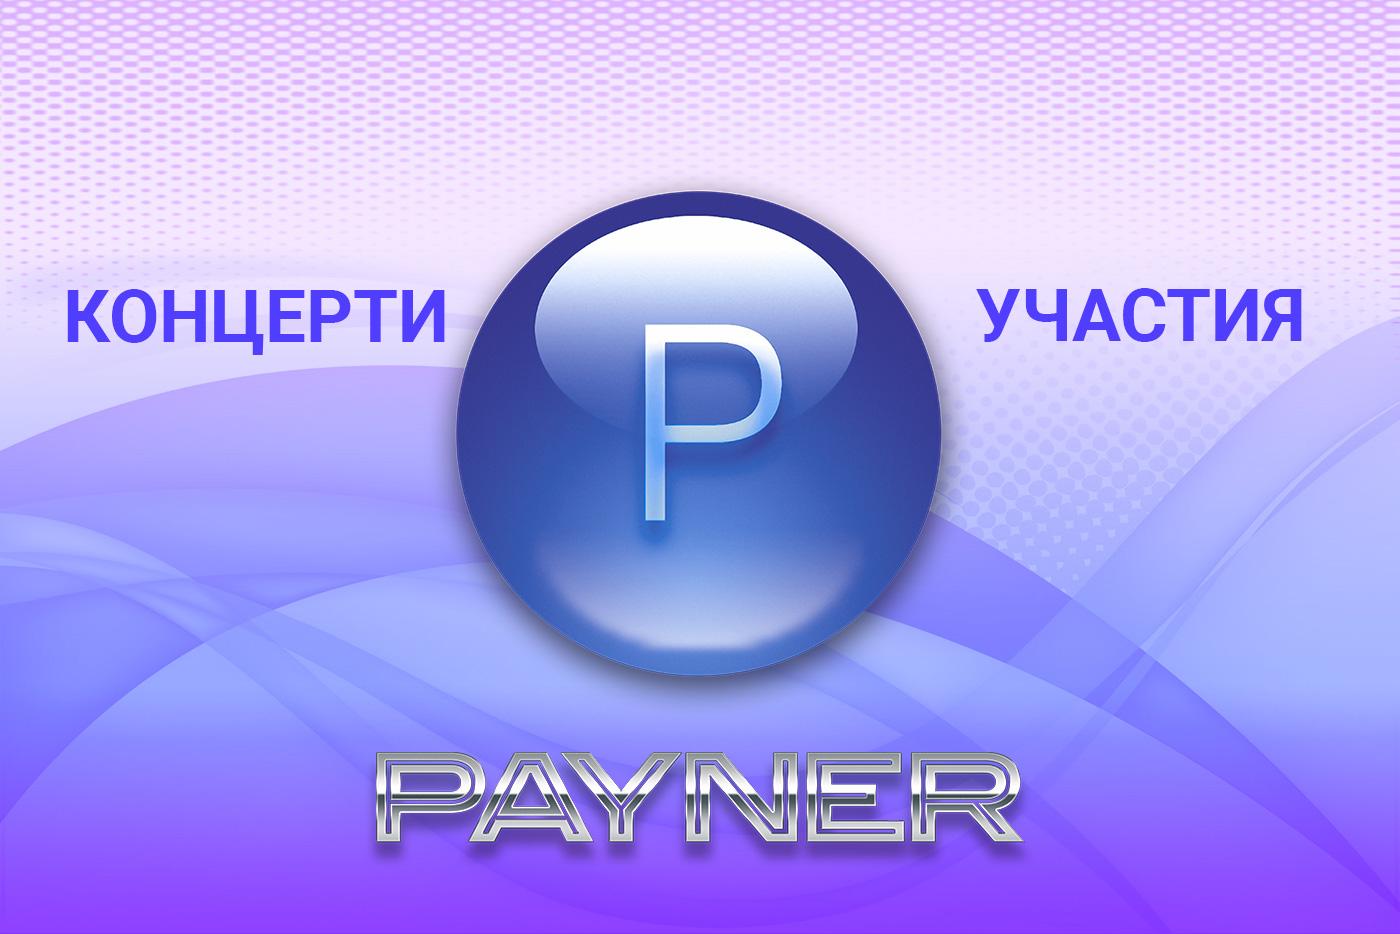 """Участия на звездите на """"Пайнер"""" на 12.12.2018"""